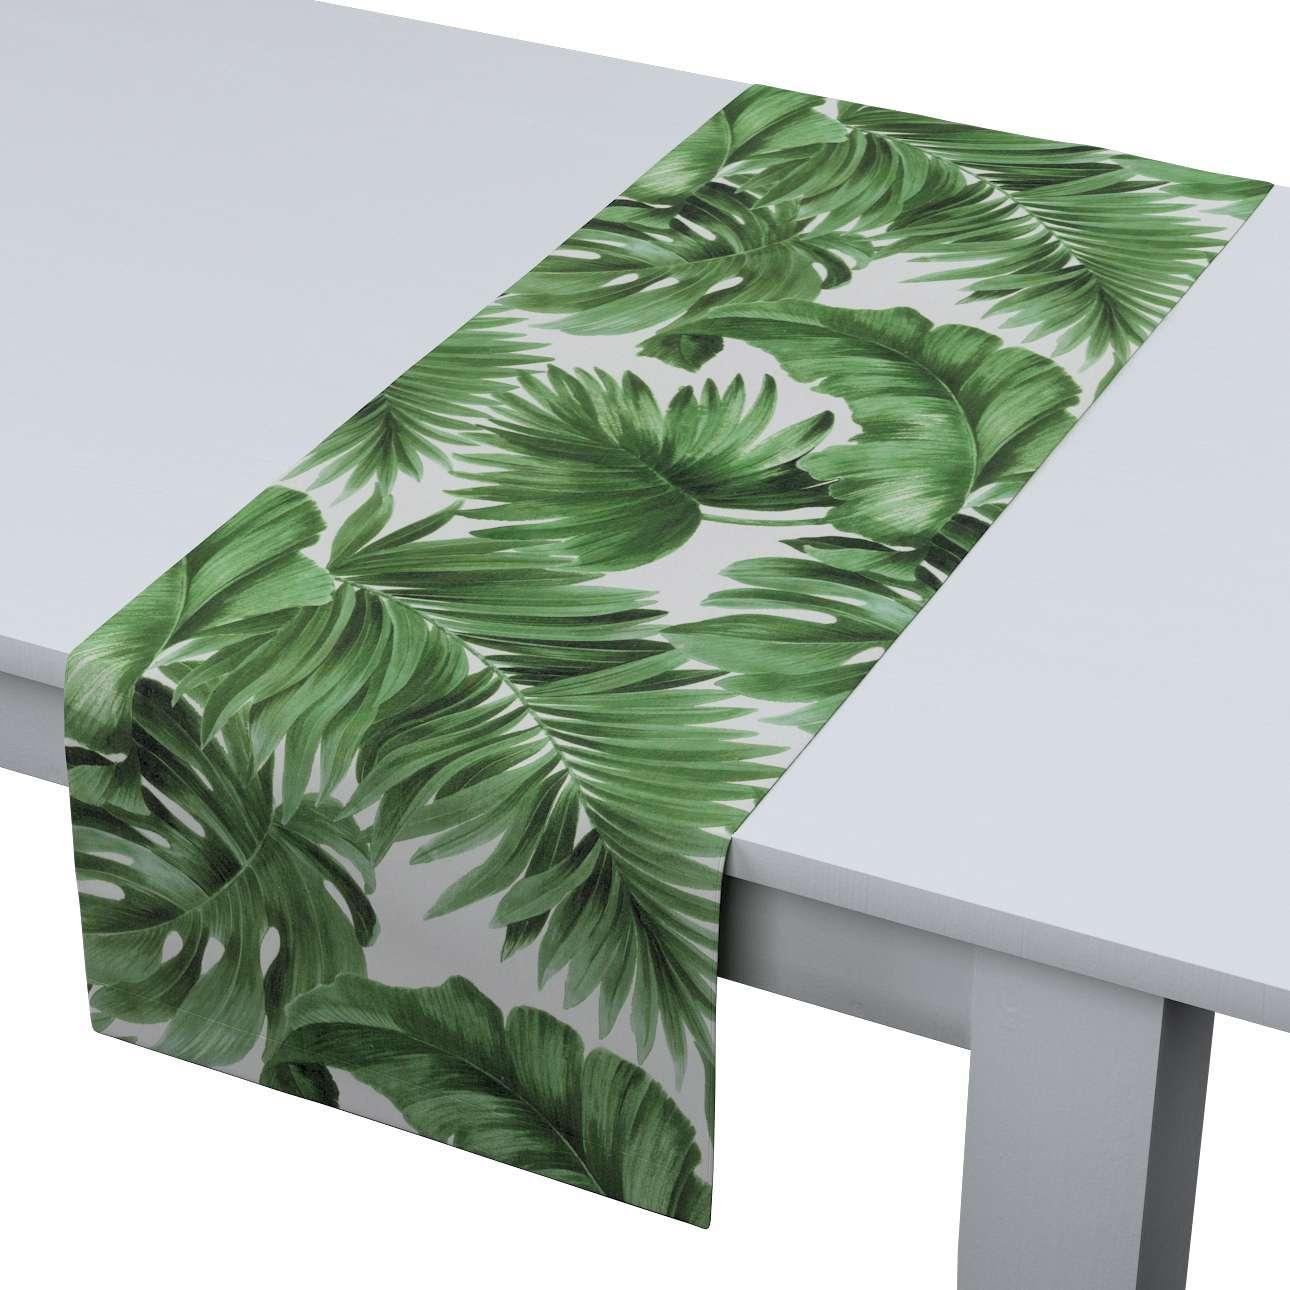 Bieżnik prostokątny w kolekcji Urban Jungle, tkanina: 141-71